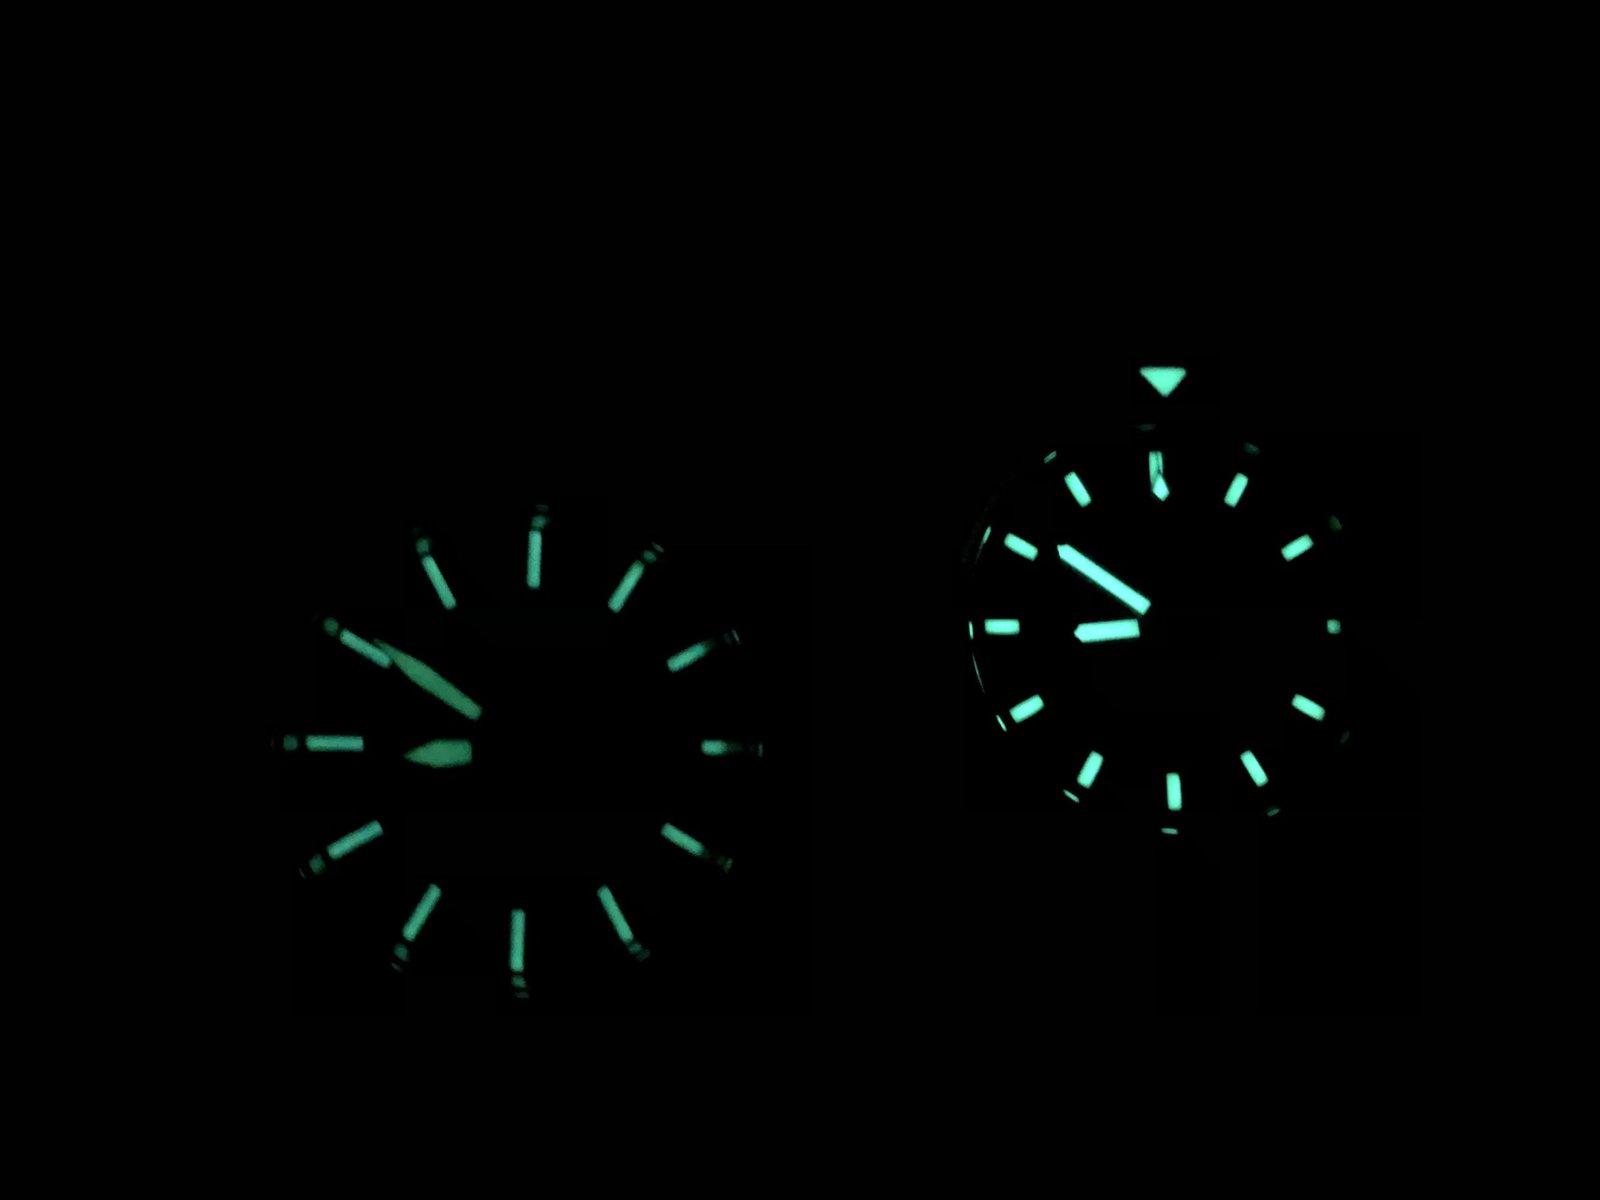 E0B16BB6-EE4F-4CB3-A16A-D6507568B9CB.